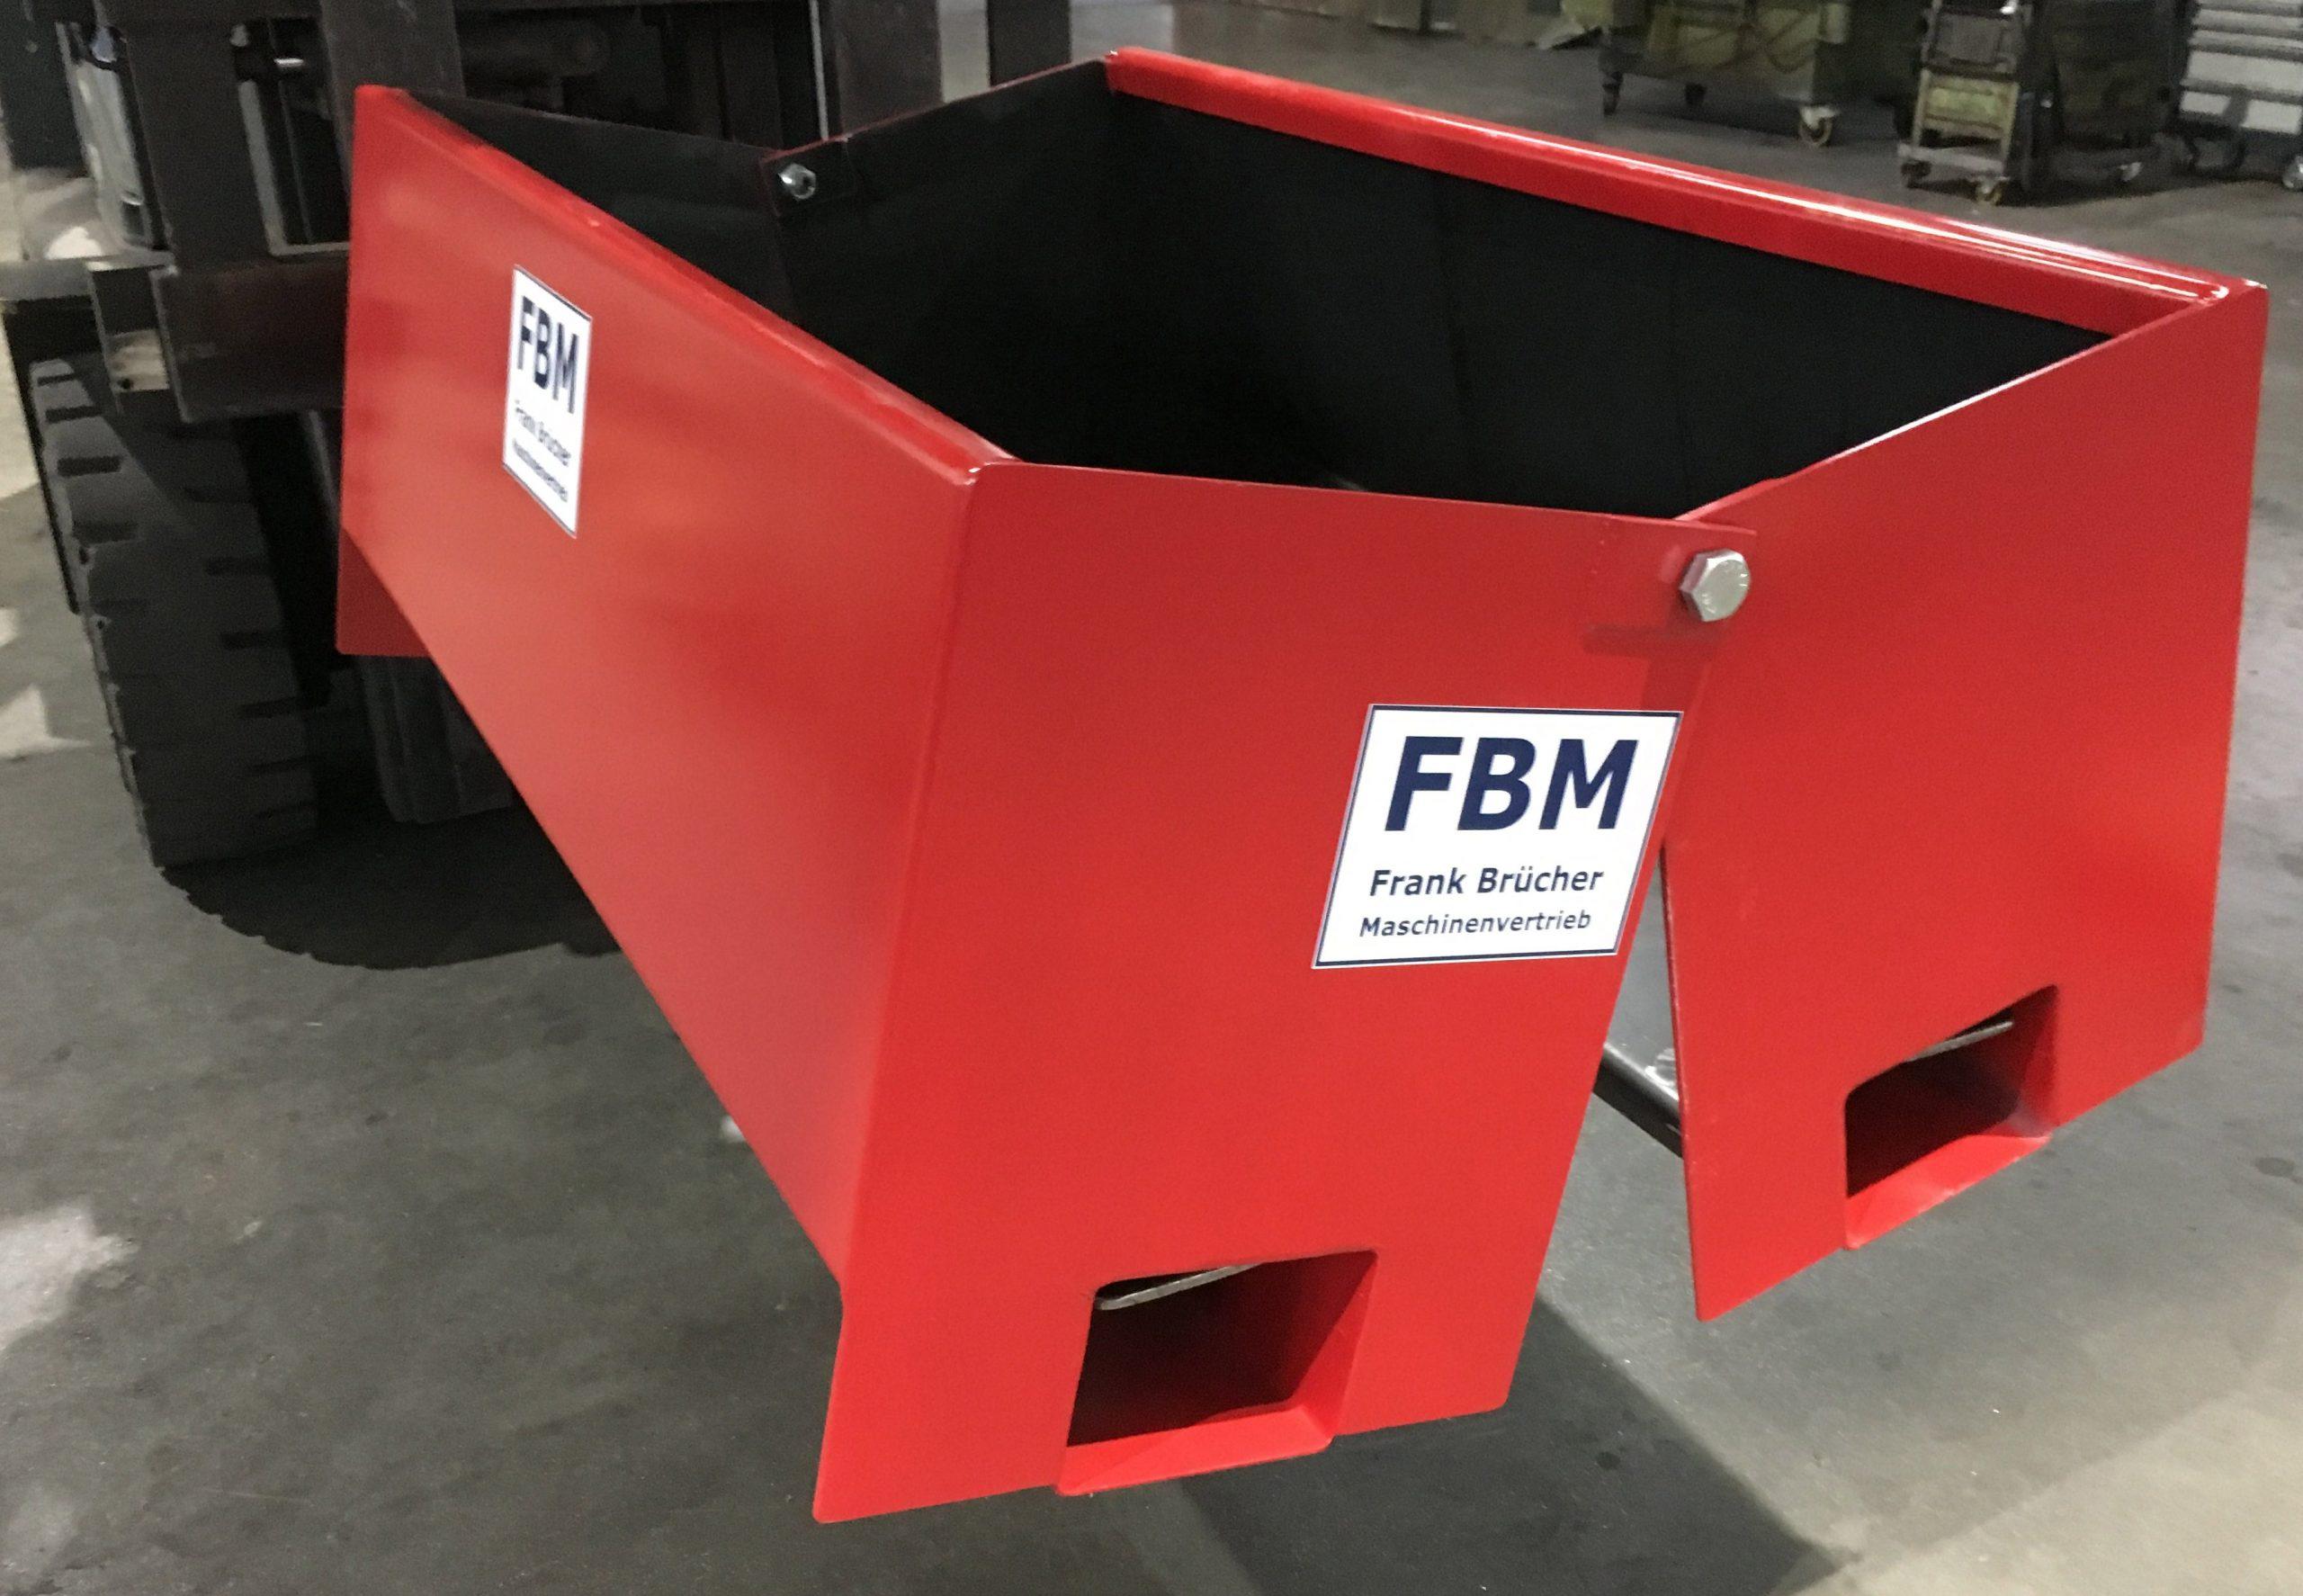 Schrottbox, Schrottbehälter, Behälter, Abfallbehälter, Abfallcontainer, Container, Klappboden, Schrottkübel, scrap box, scrap container, Schrottbox billig, schrottbox cheap, schrottbox preiswert